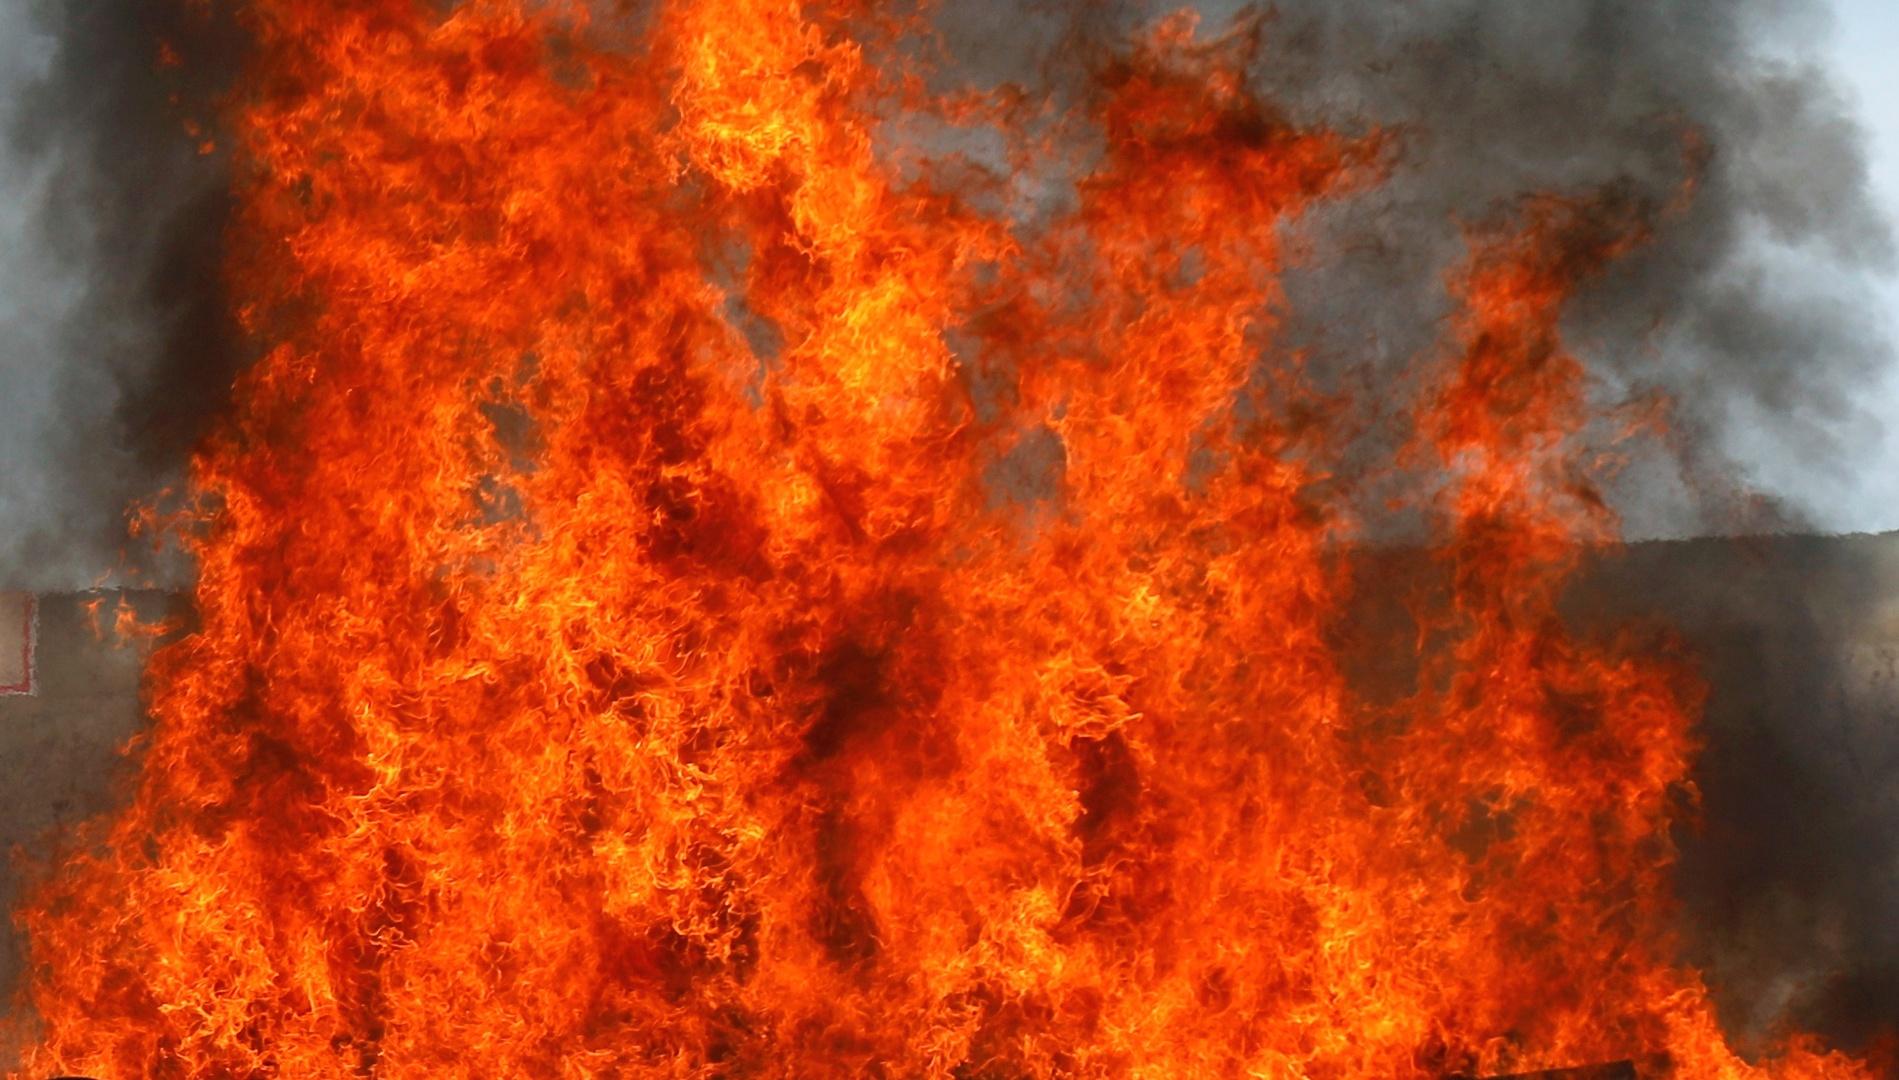 النيران تلتهم المركز التجاري